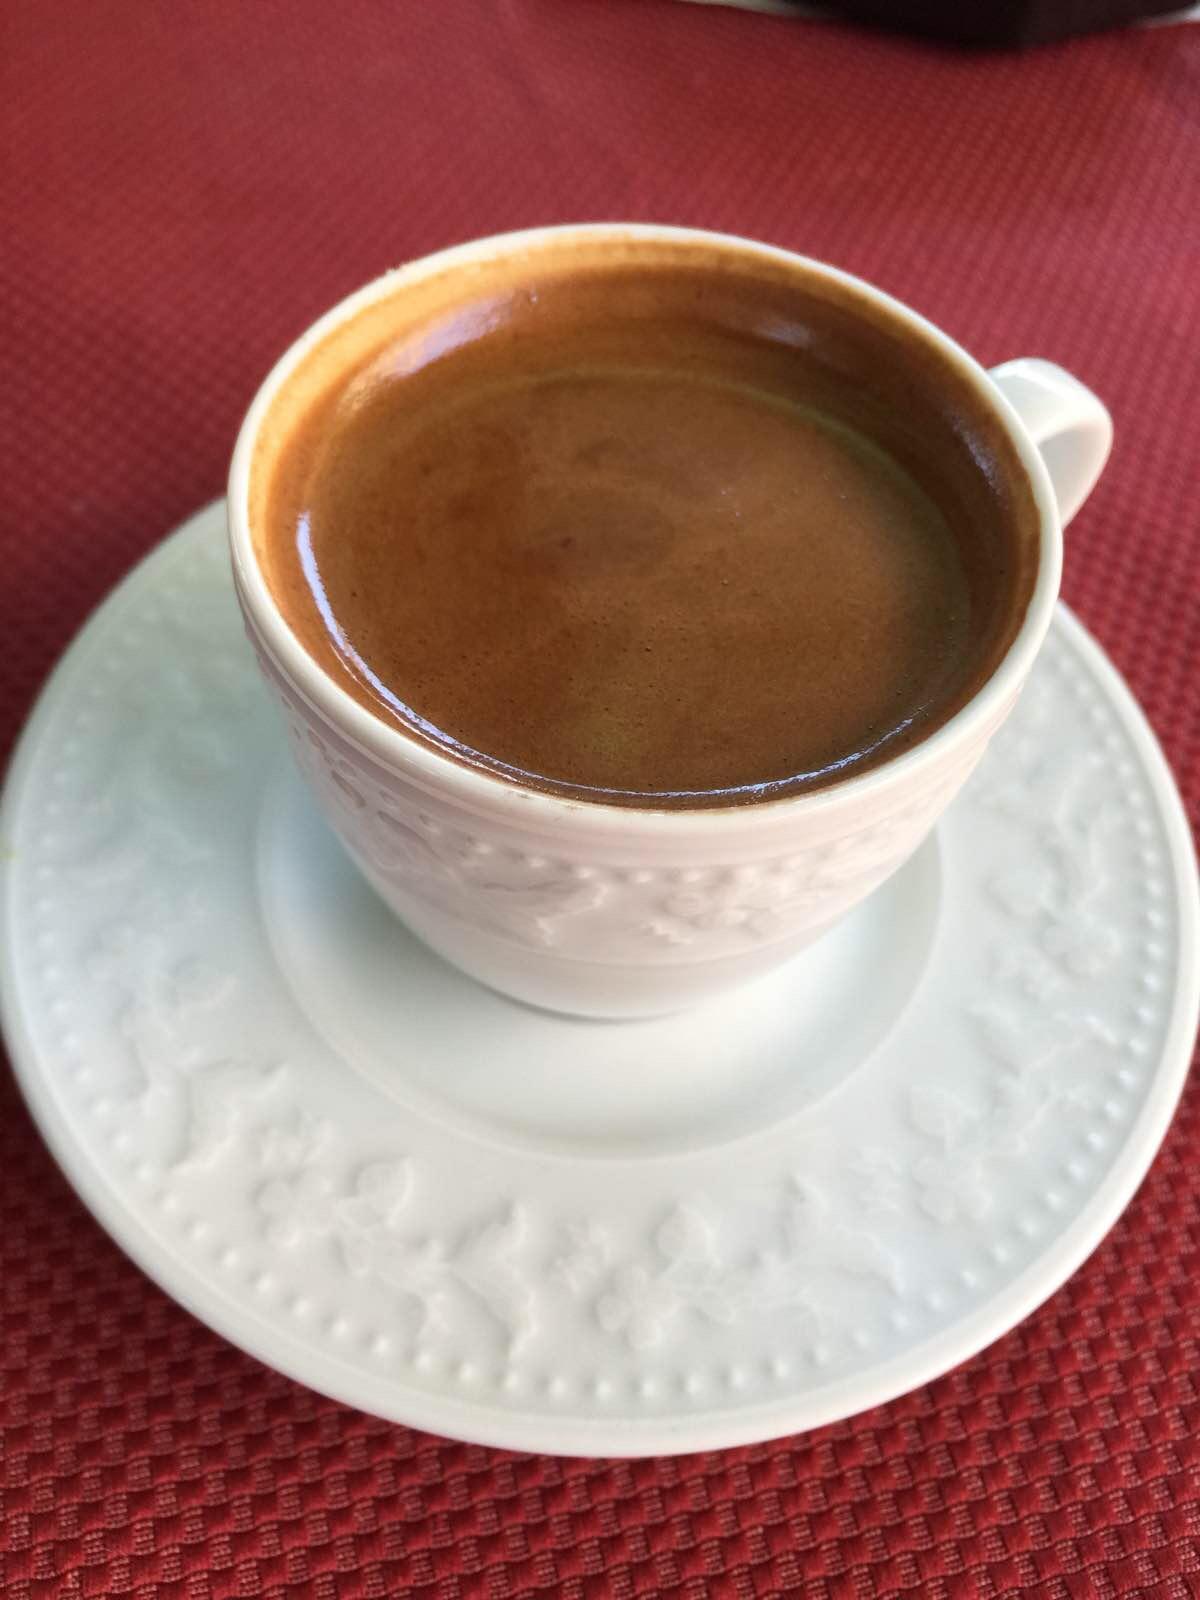 游記/土耳其咖啡,一半咖啡一半渣,香醇不酸伊兹密尔